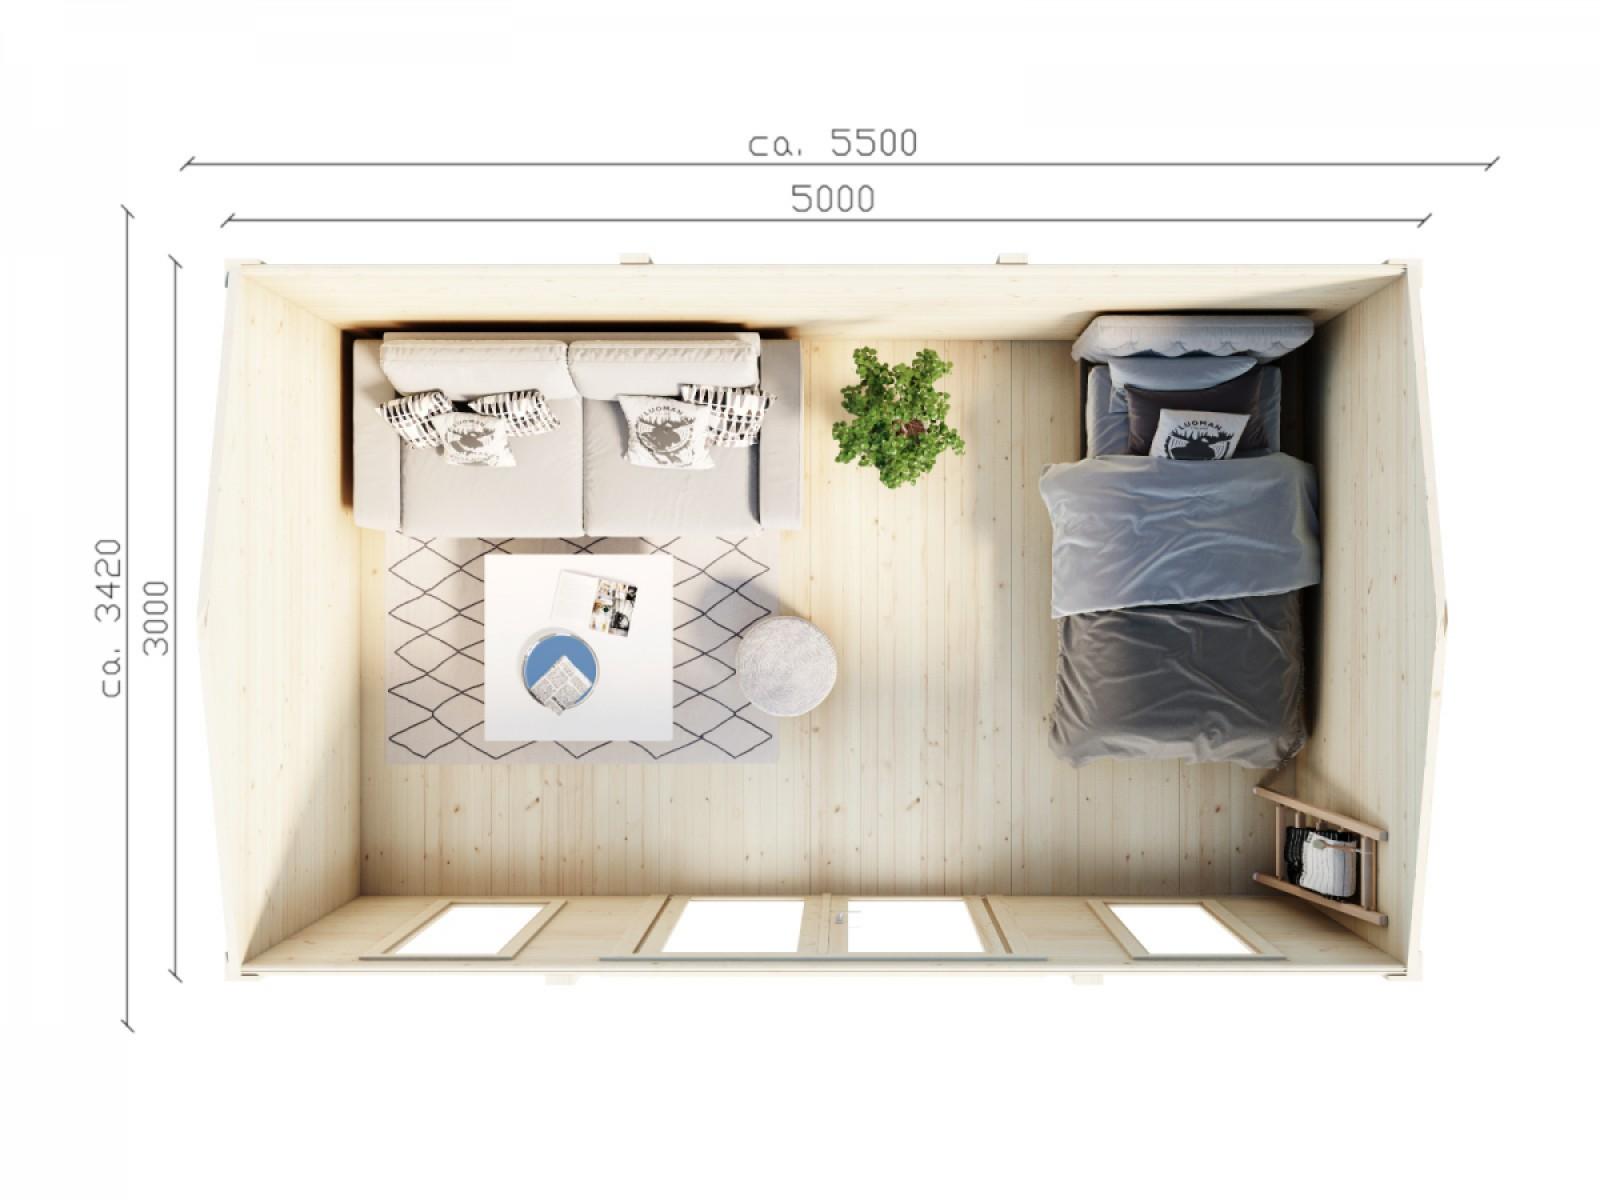 1625056705_Lillevilla 553 Cabin Floor Plan.jpg